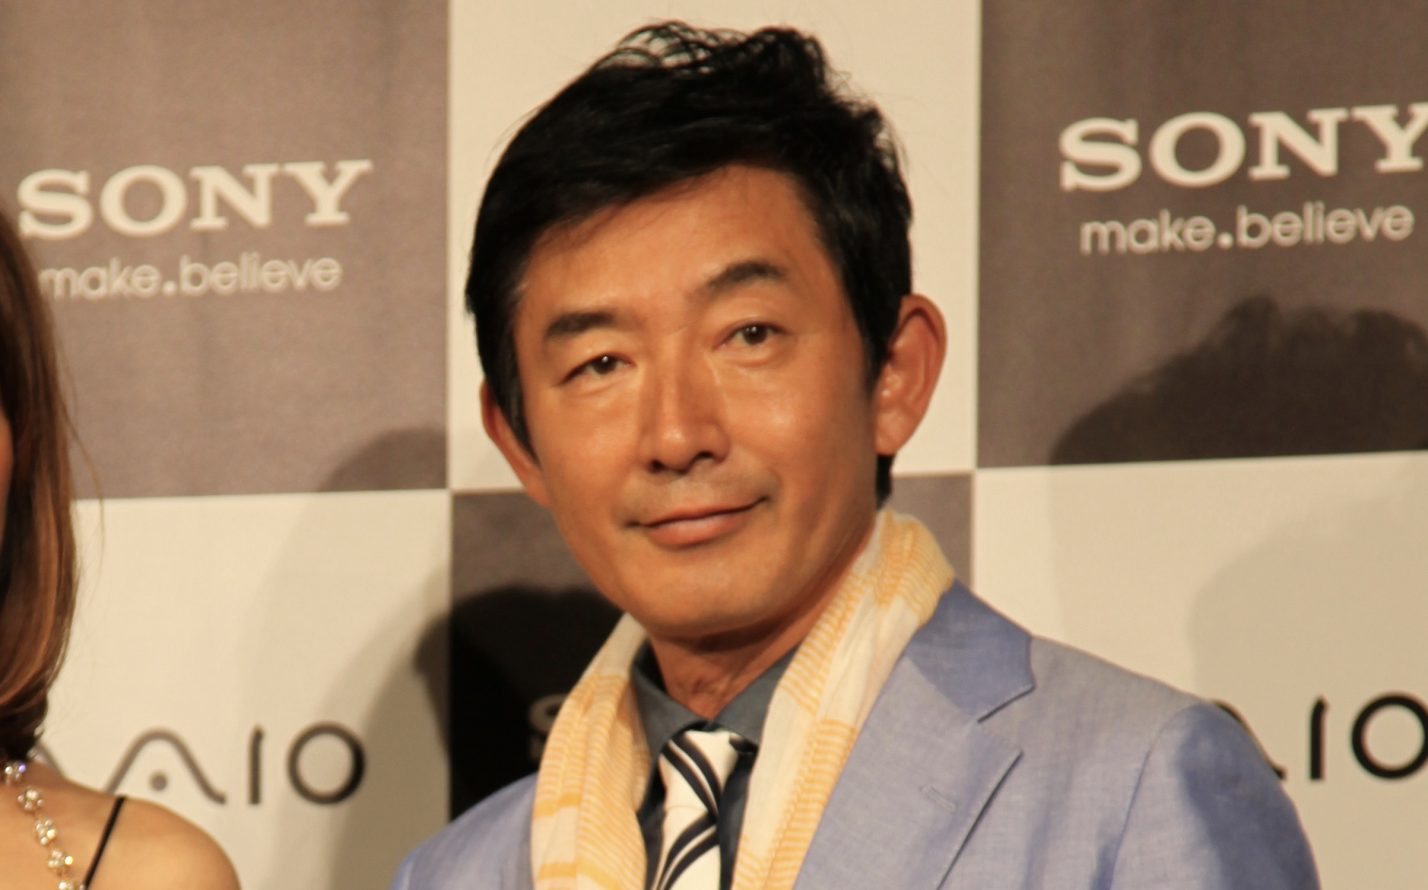 石田純一さん(66)が新型コロナに感染!しかしネットには厳しいコメント「志村さんの時とみんな反応が違いすぎる」の声